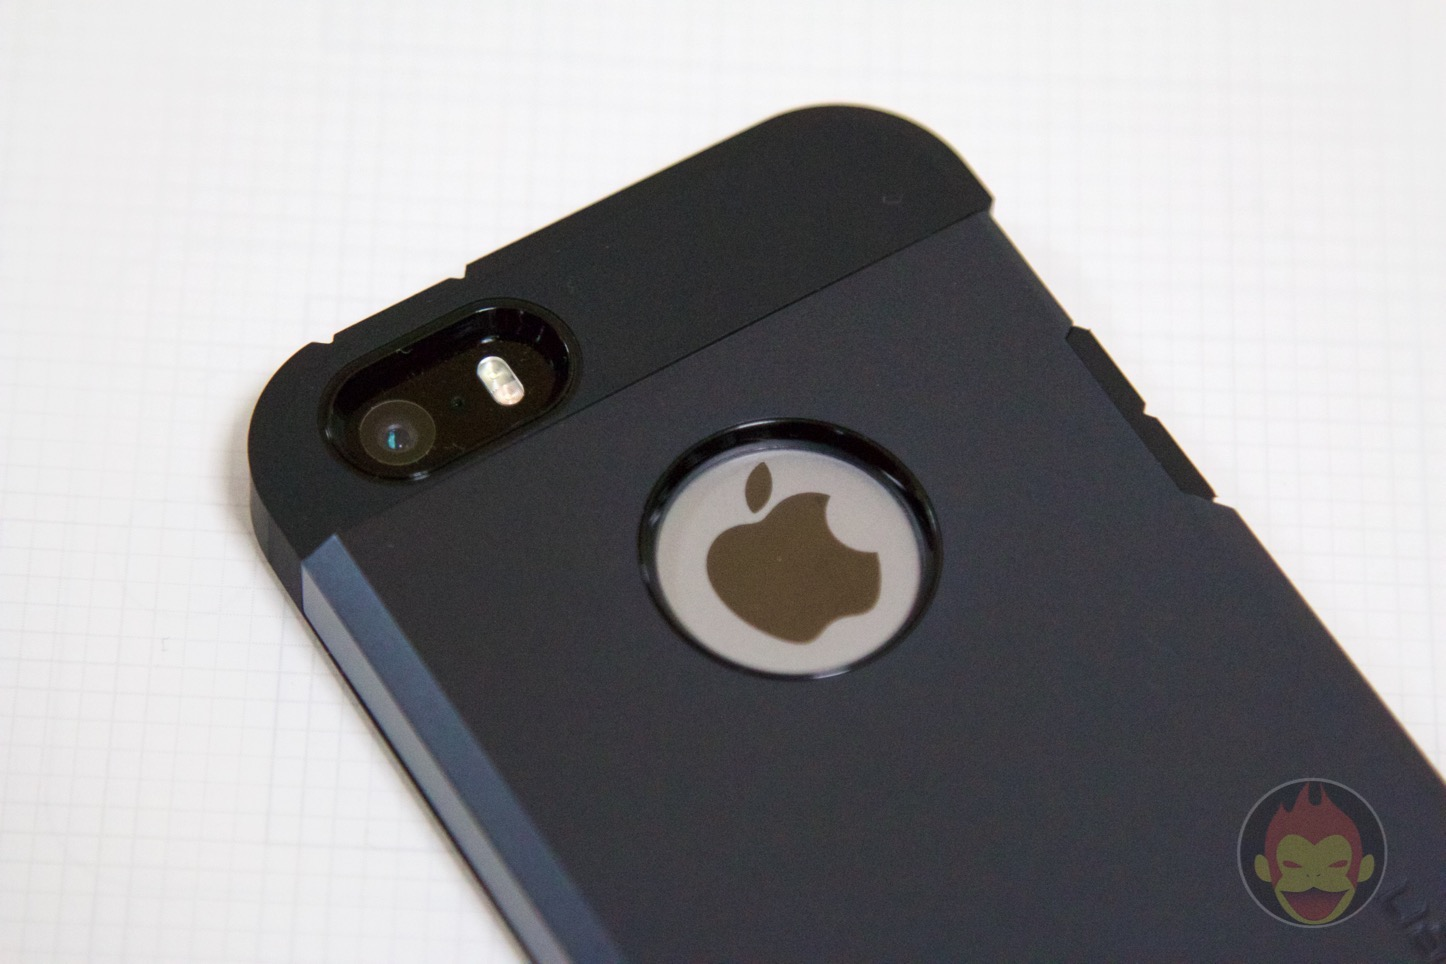 Spigen-Tough-Armor-iPhone-SE-Case-07.jpg